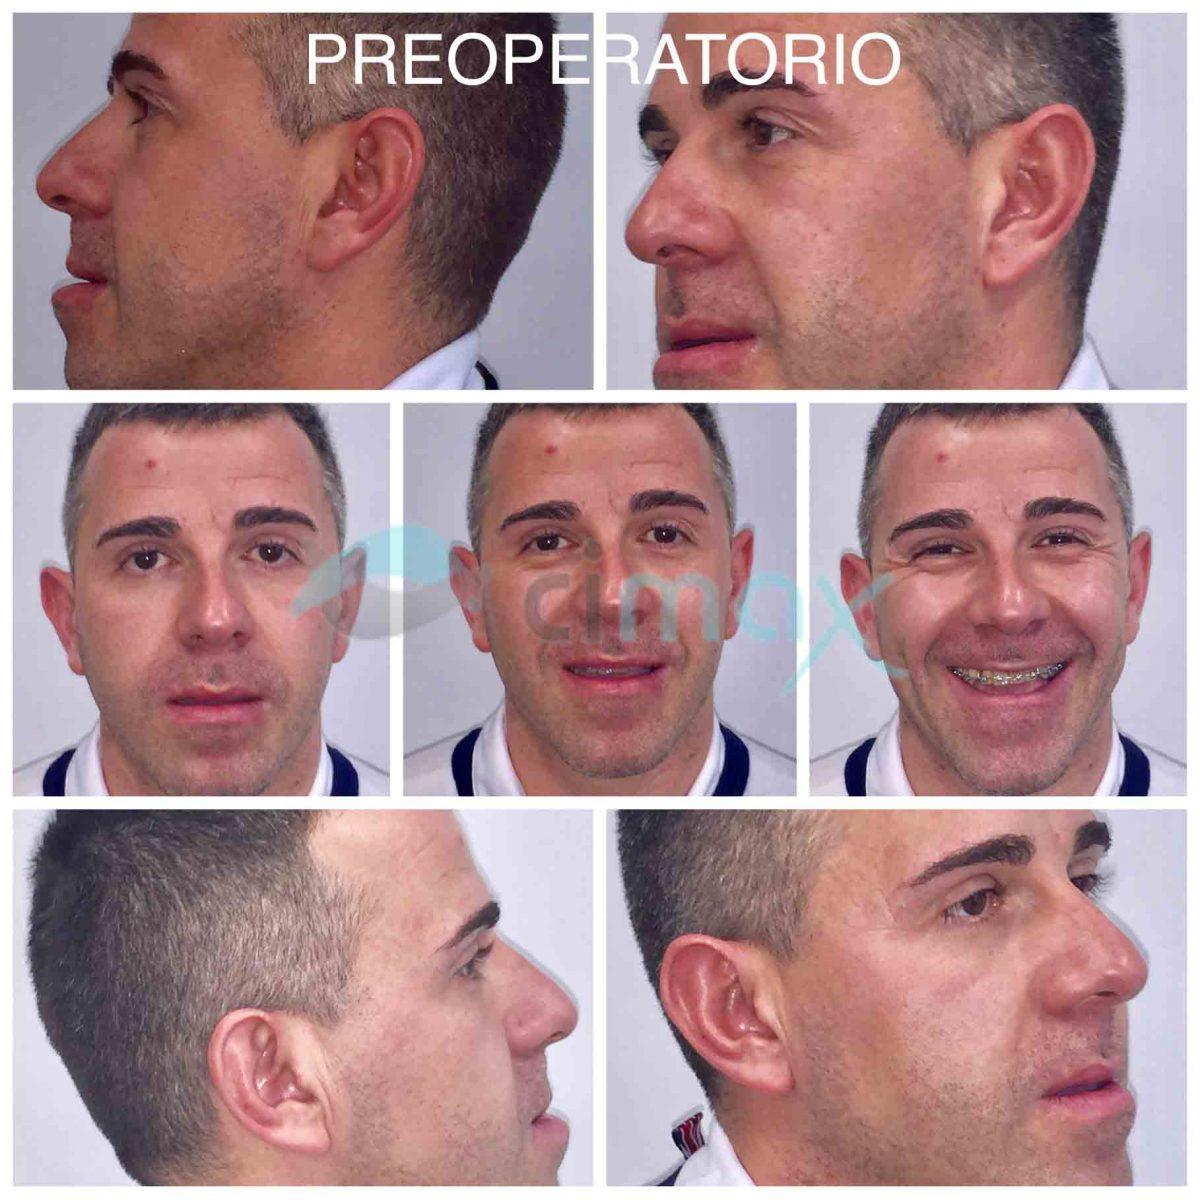 preoperatorio-ortognatica